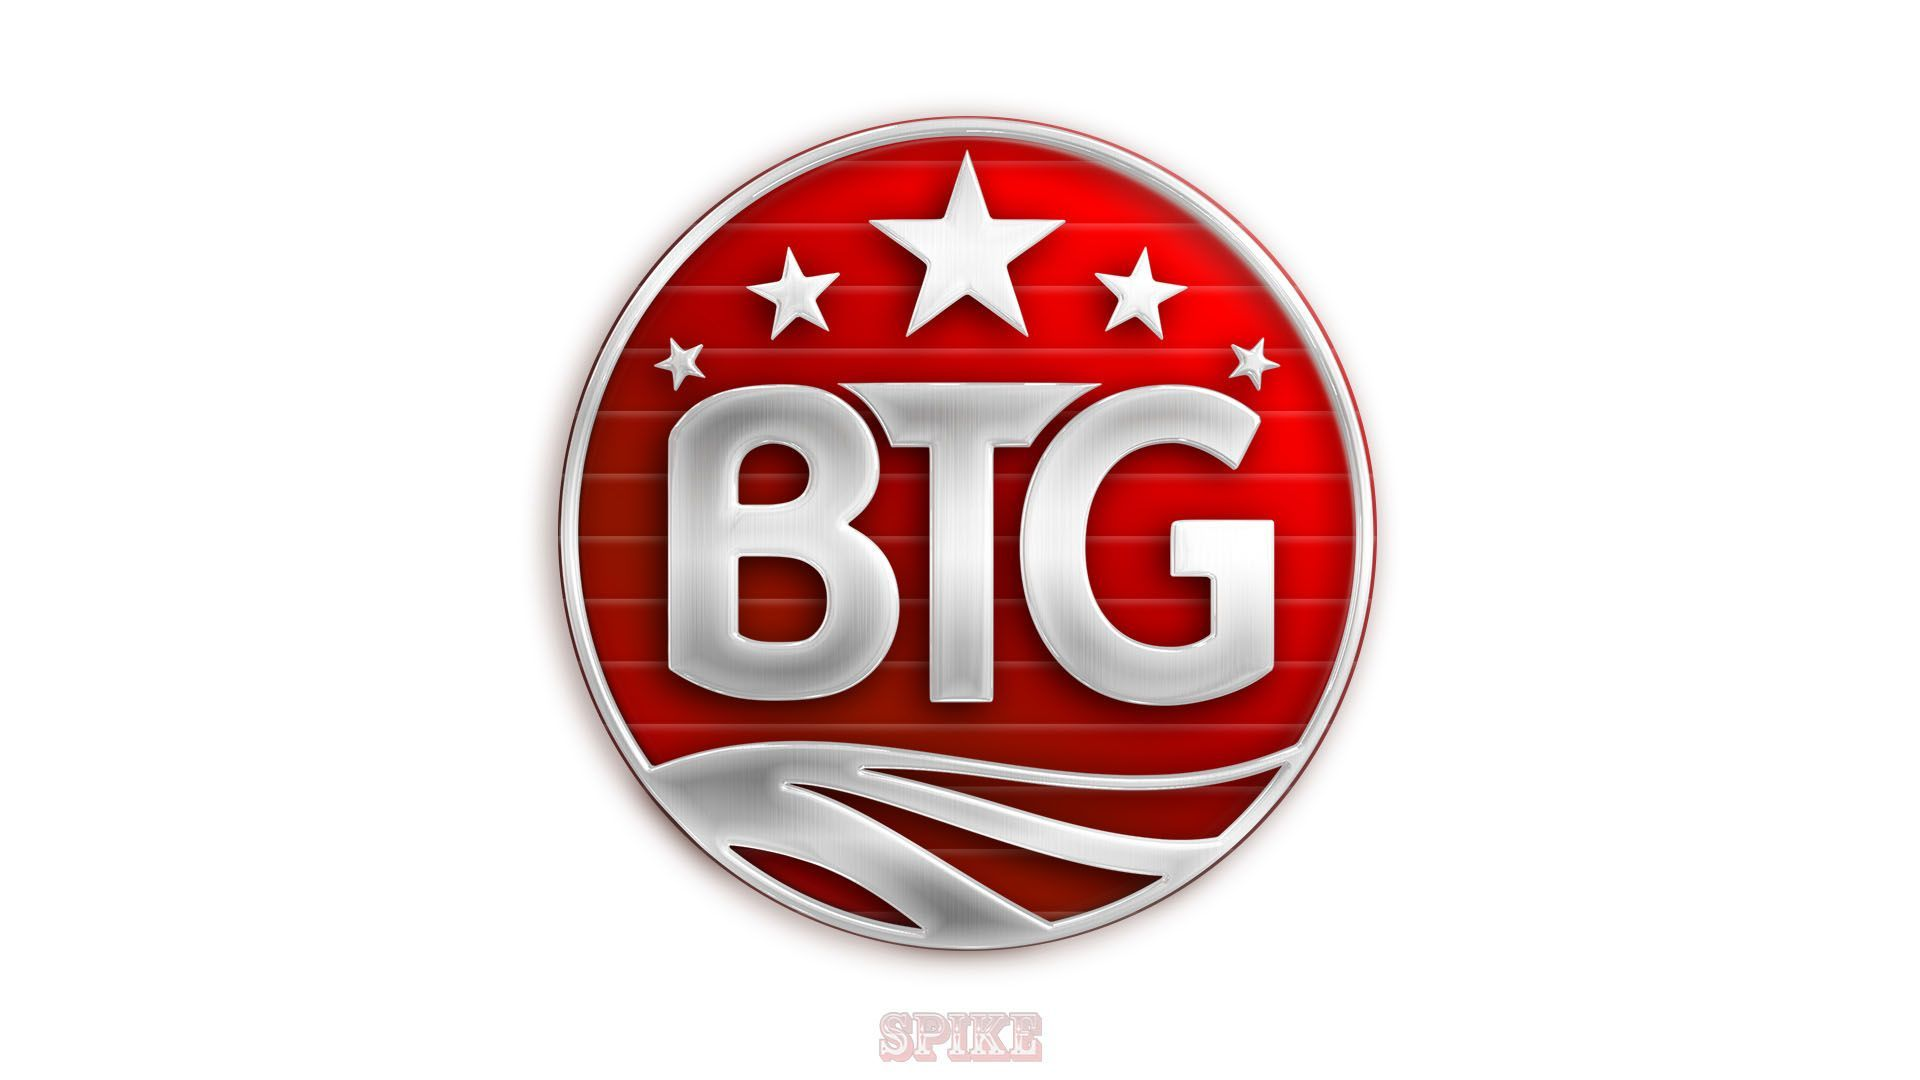 btg producer free online games